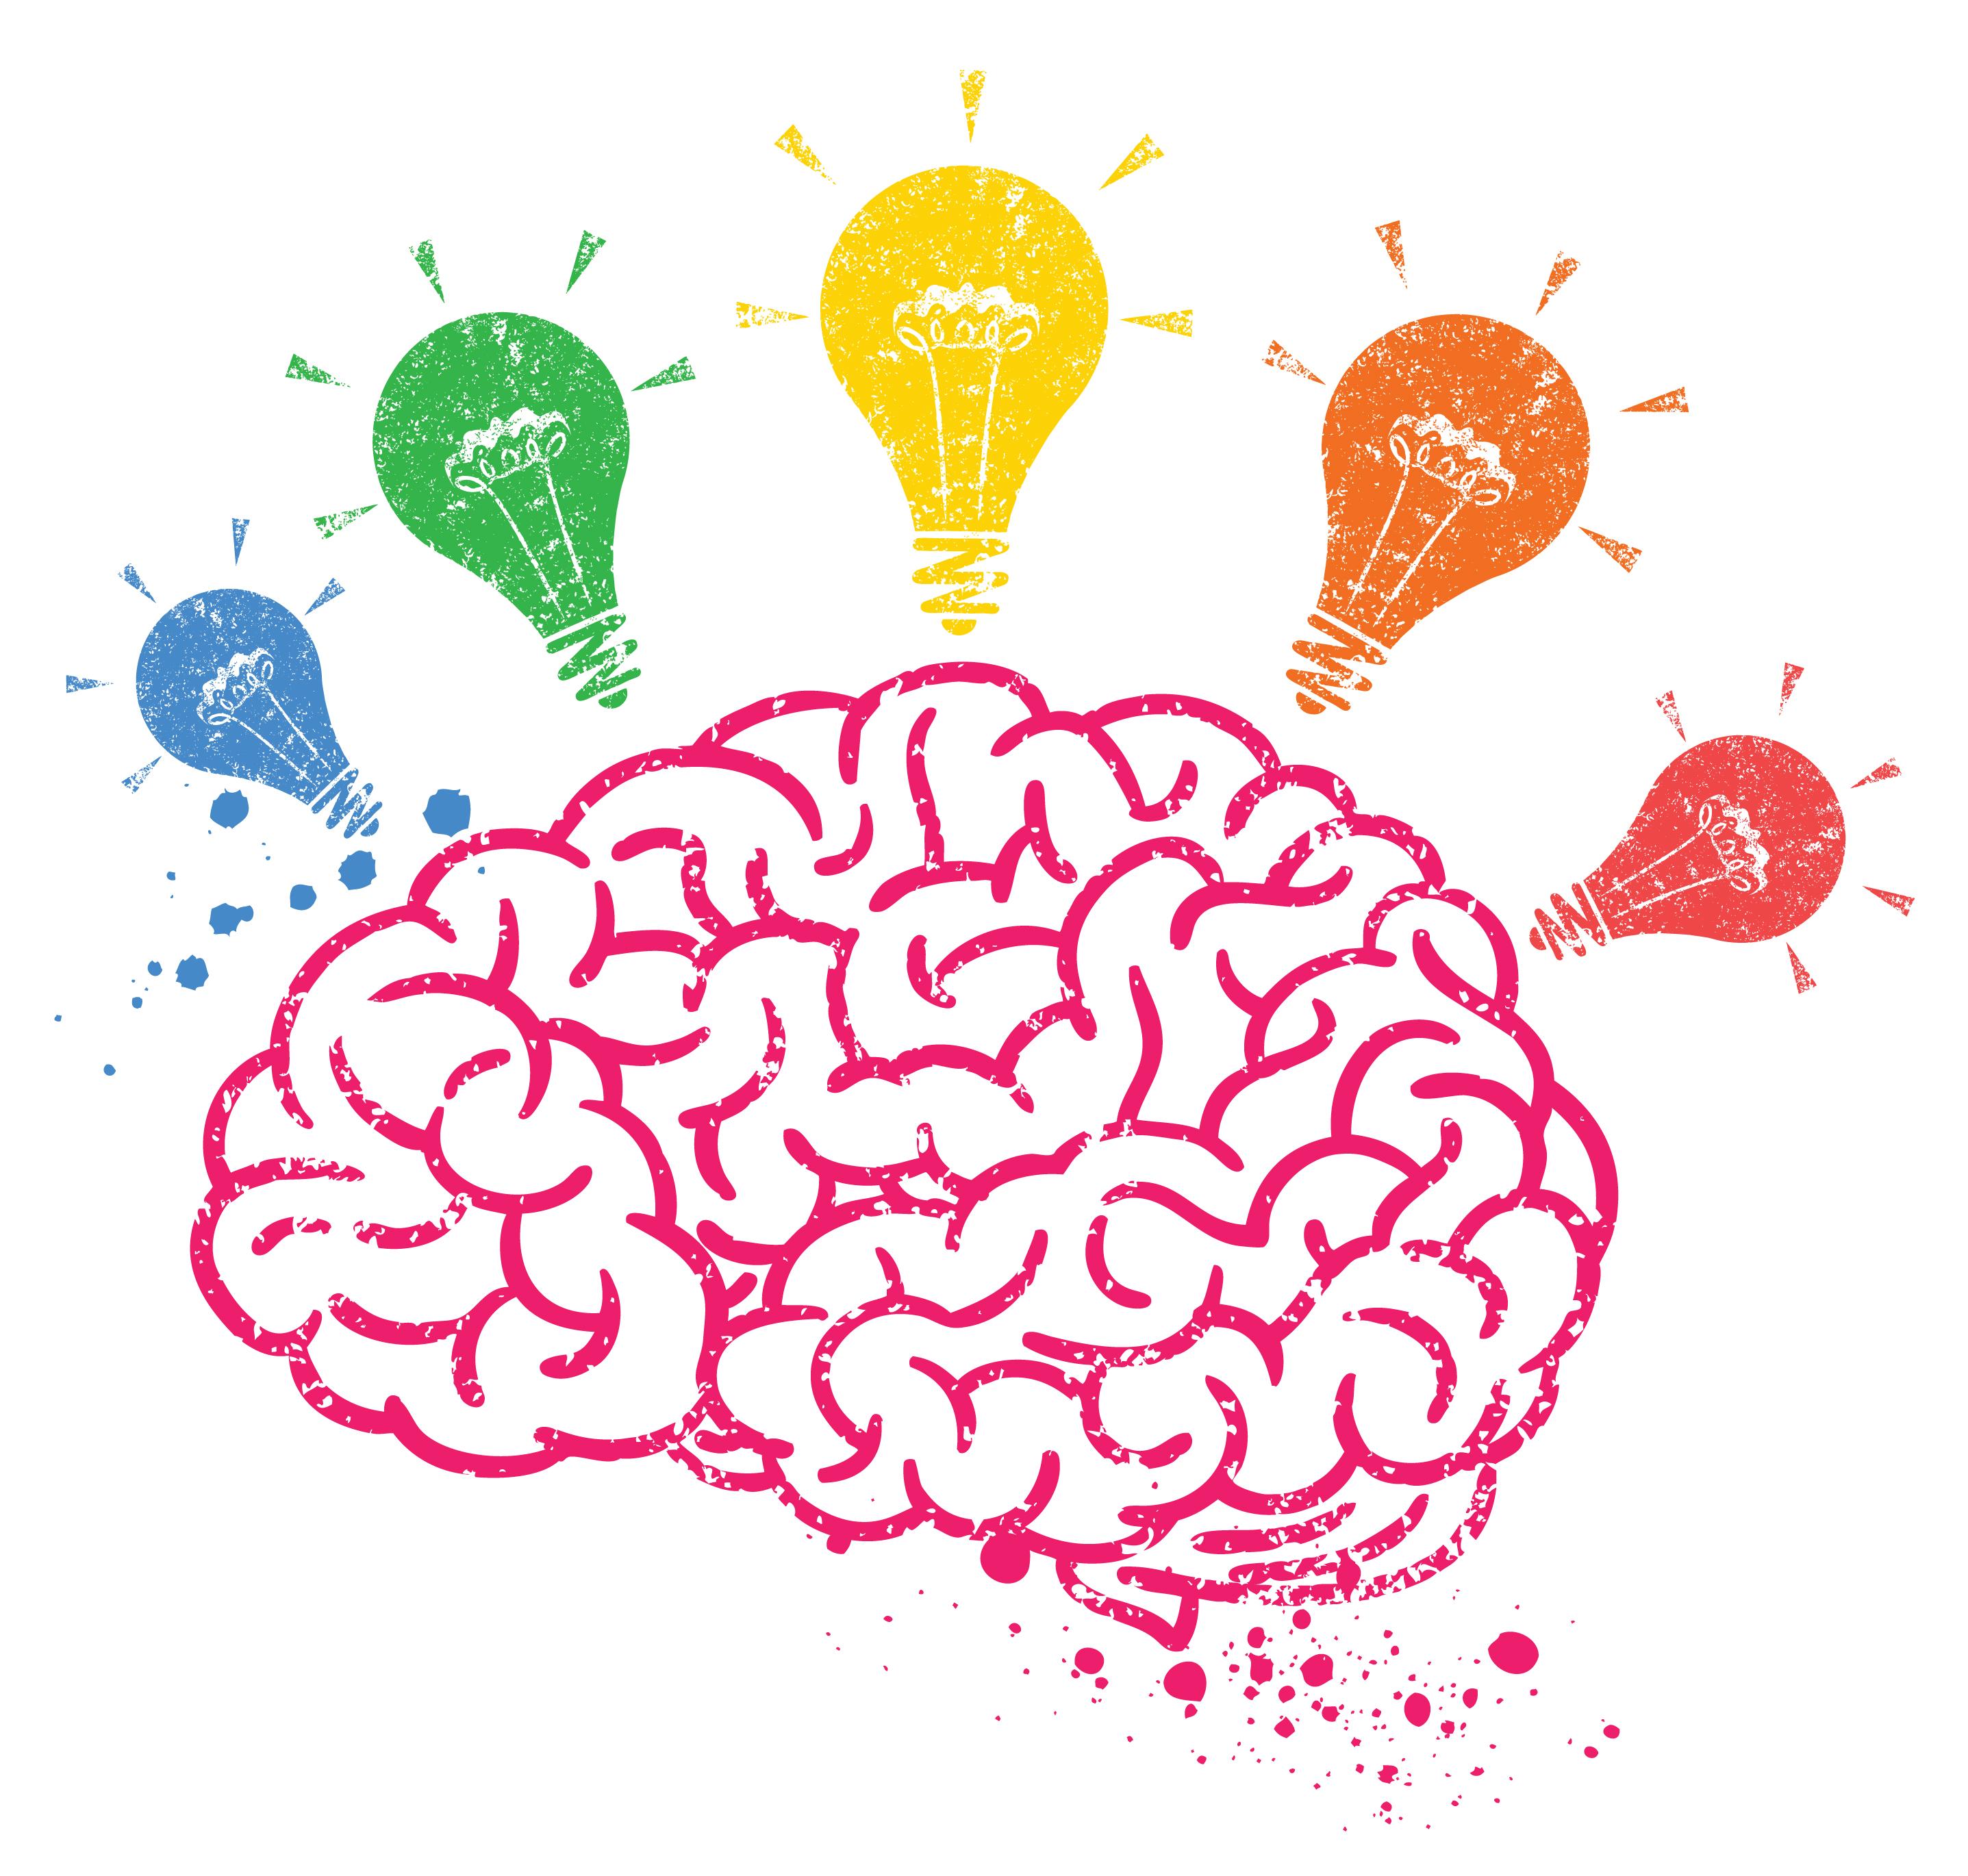 brainstorm clipart - photo #1